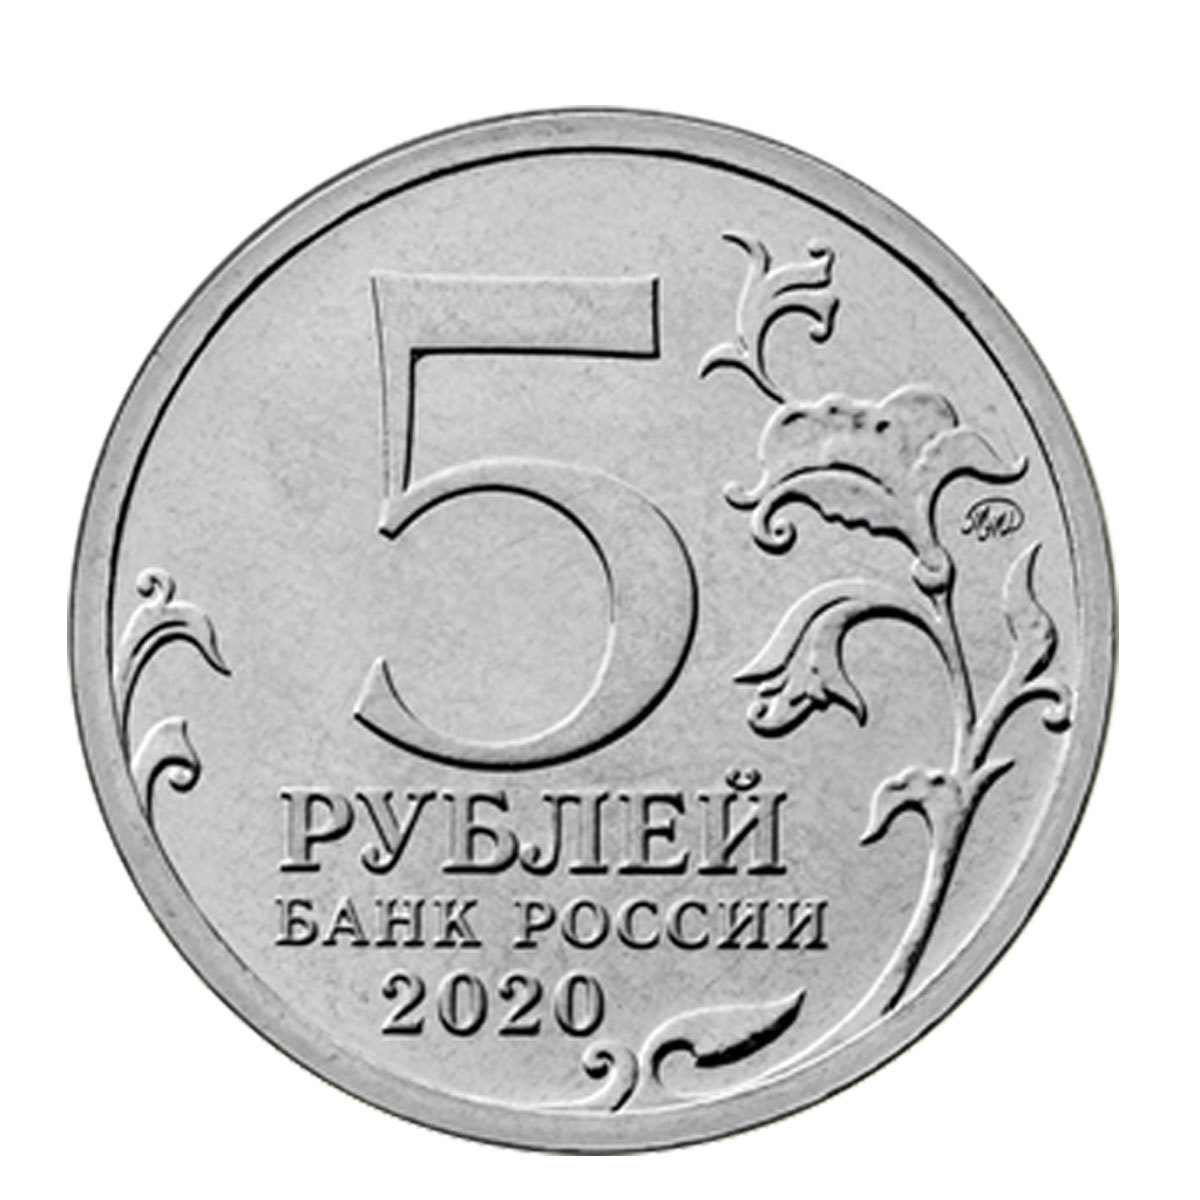 5 рублей. Курильская десантная операция. 2020 год. UNC